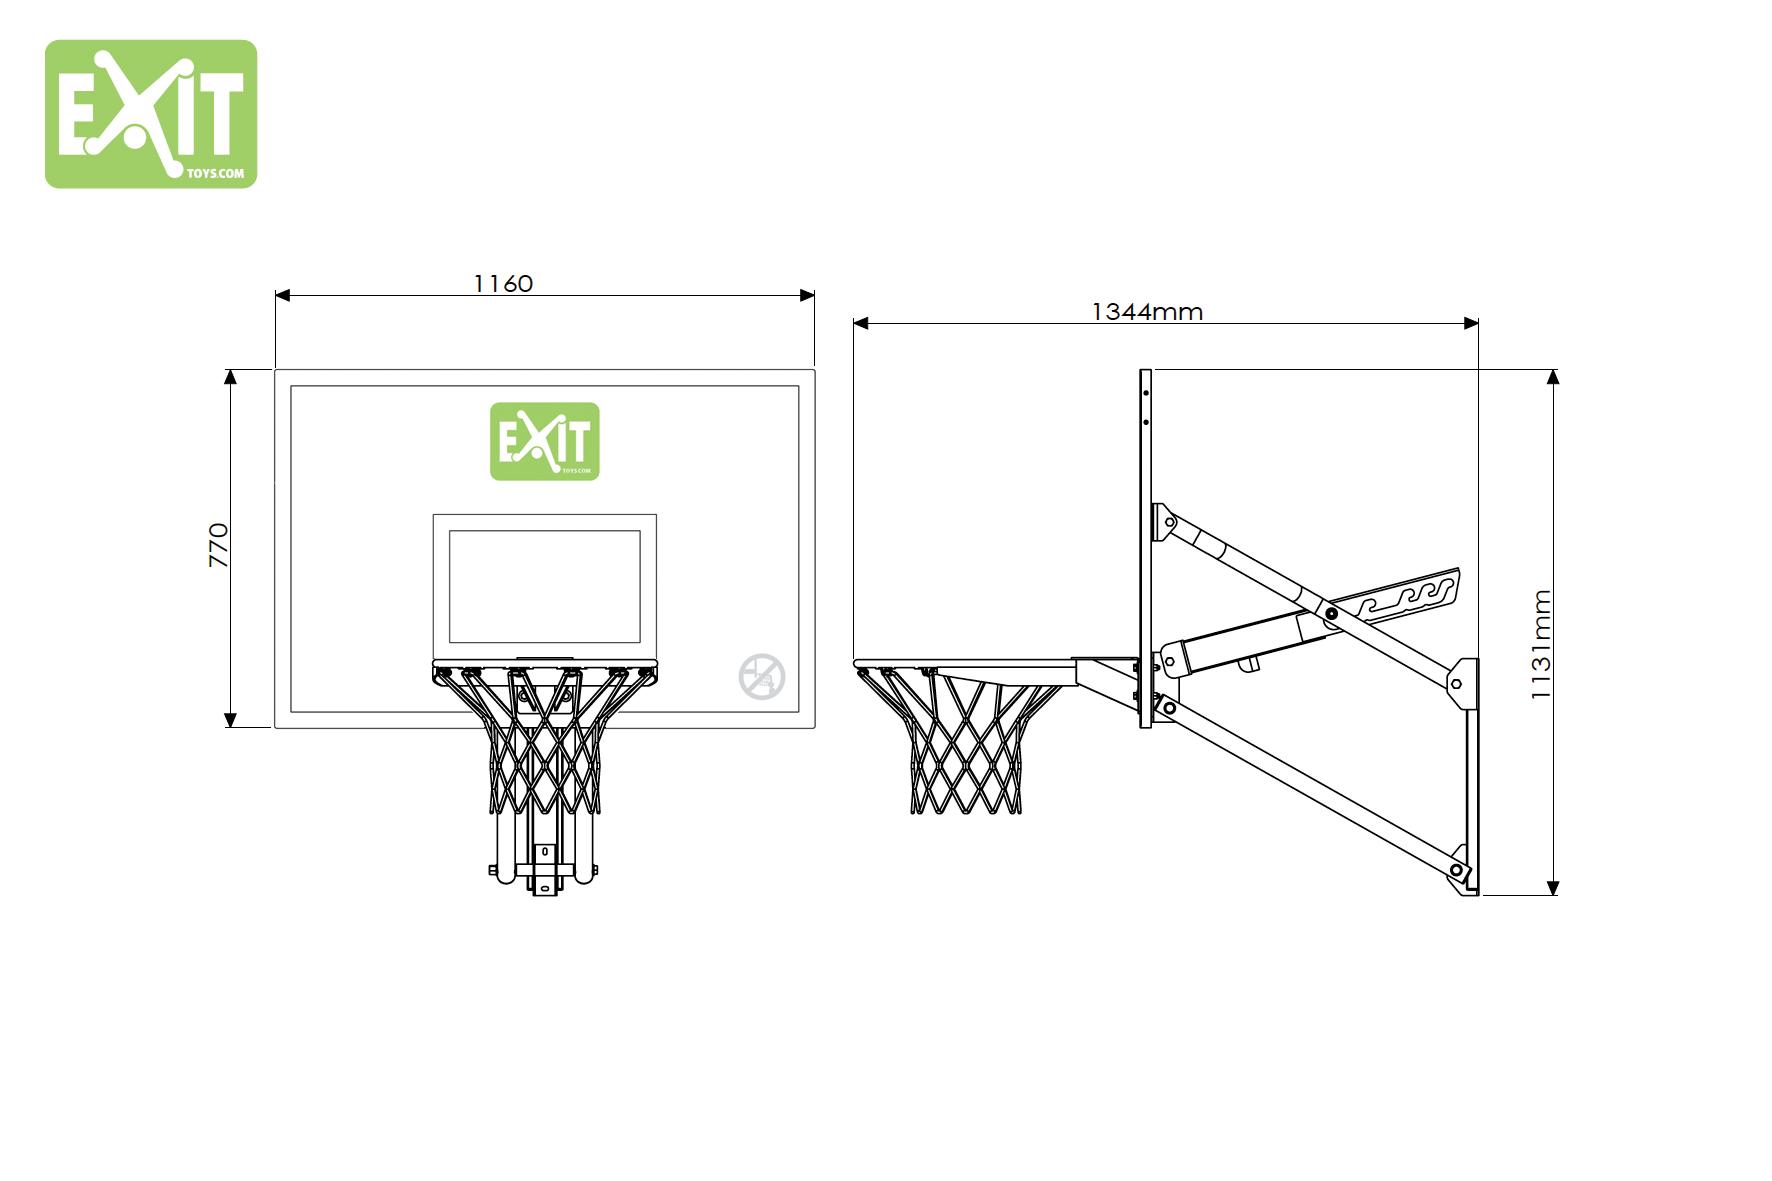 EXIT basketkorg Galaxy med väggfäste 4492d0f4e7b1c